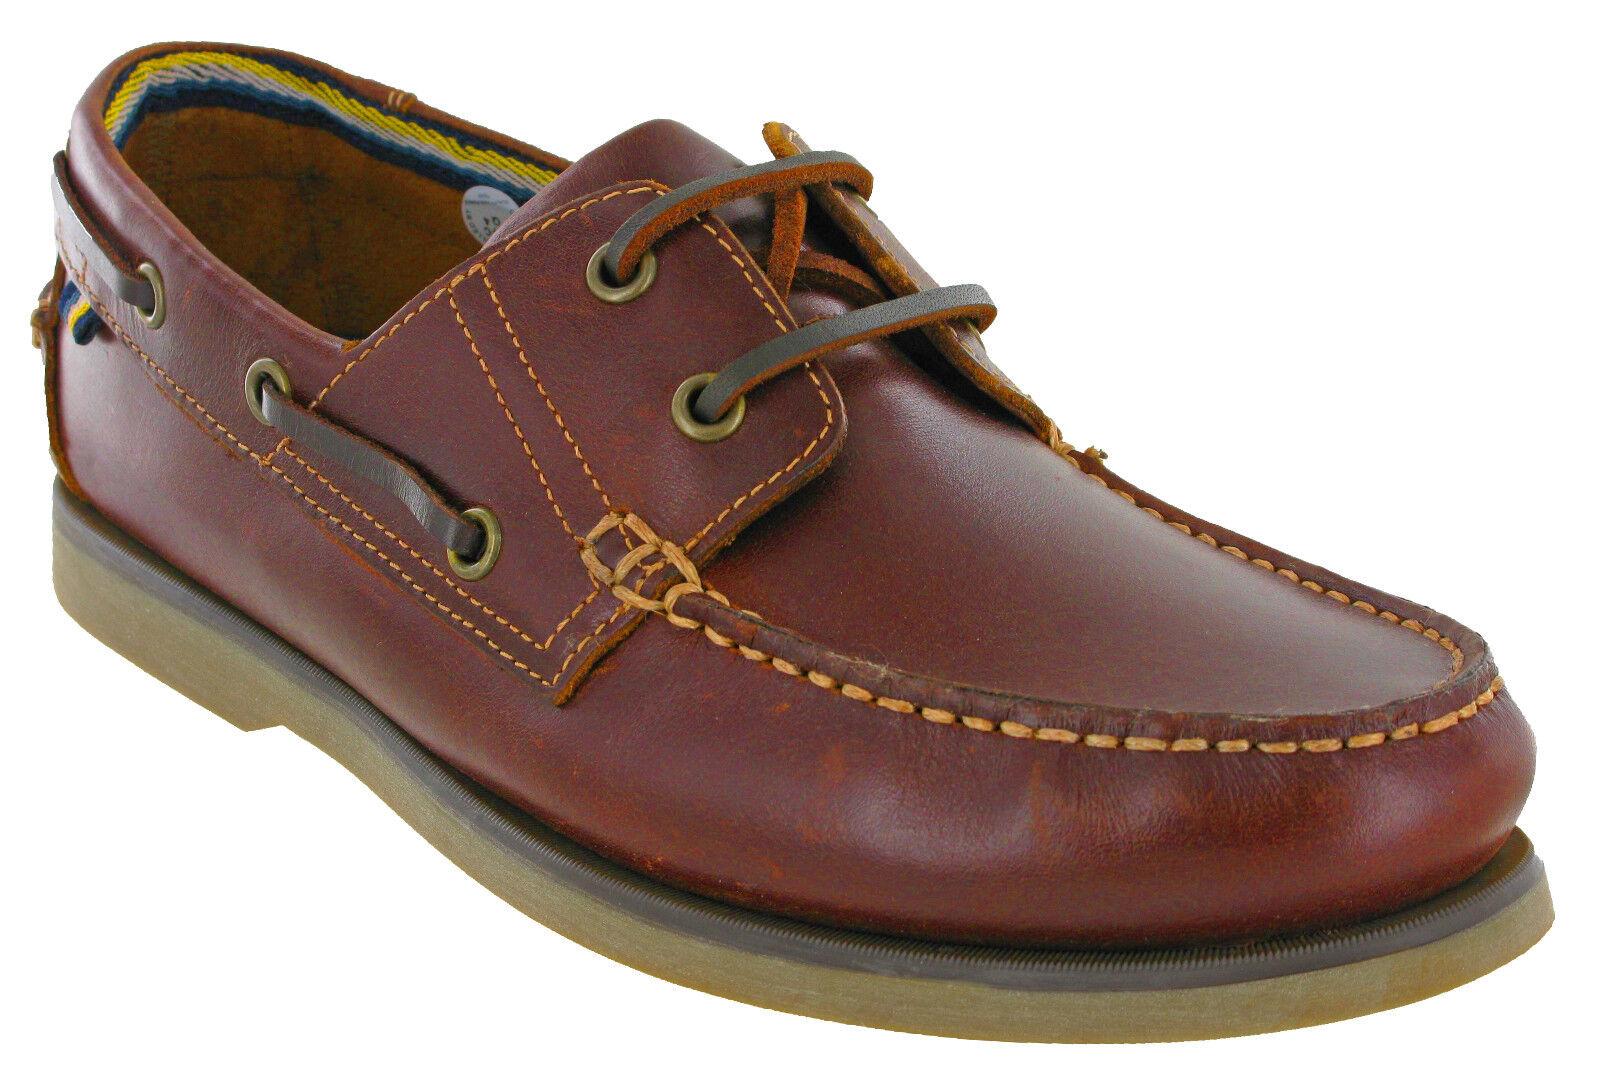 a84135e371a Hombres de cuero barco zapatos Catesby marrón encaje ligero de verano  caminando Reino Unido 6-12